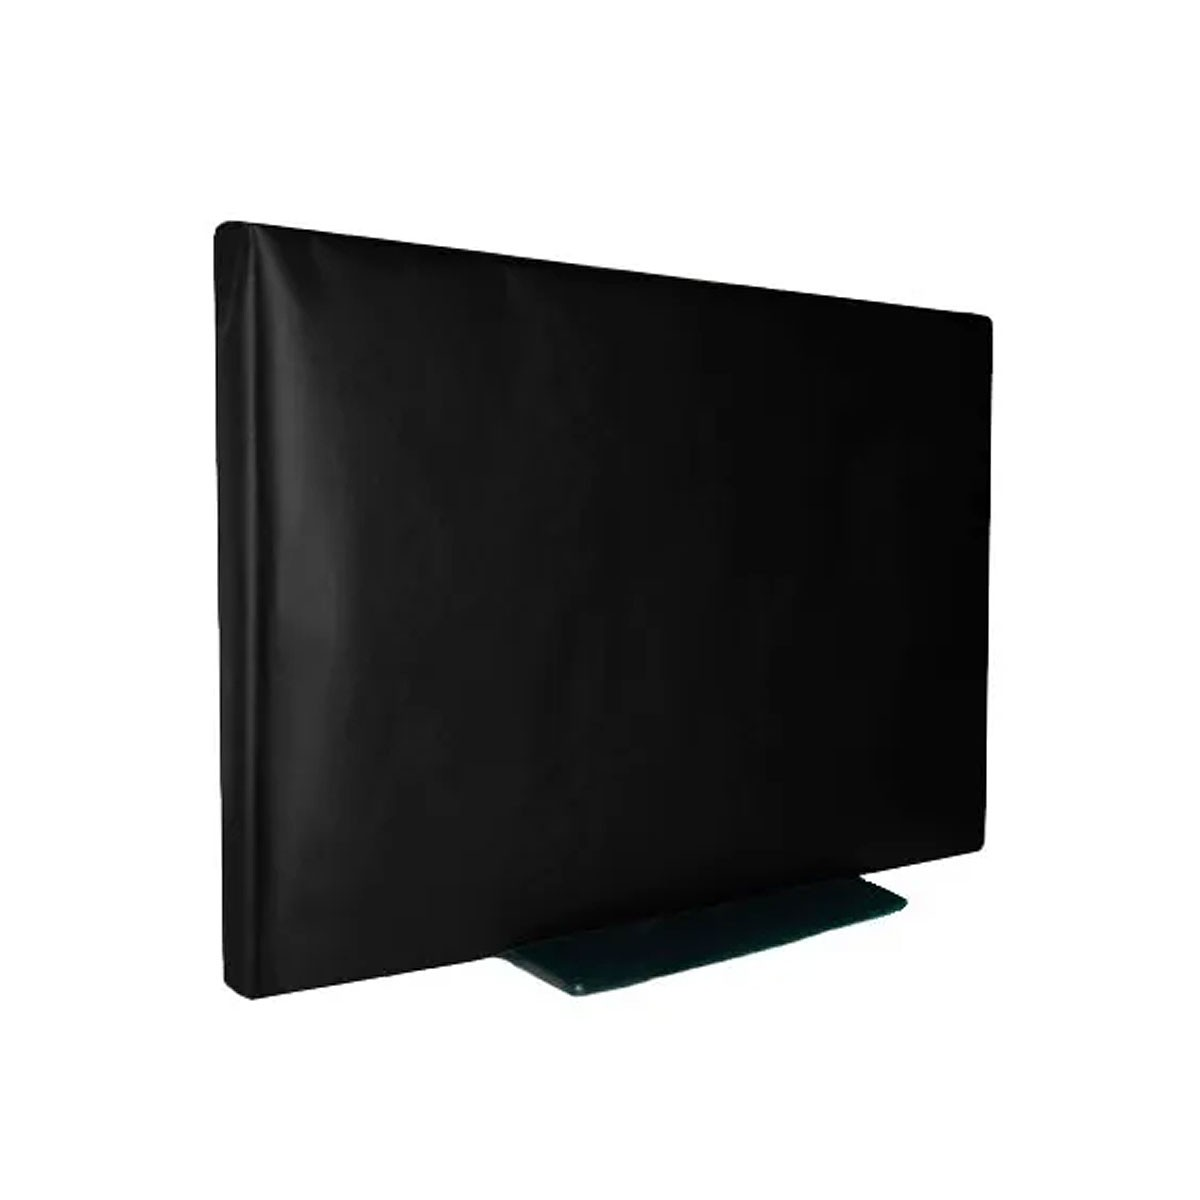 Capa Tv Led 32 Em Corino Com Velcro Não Sai Com O Vento